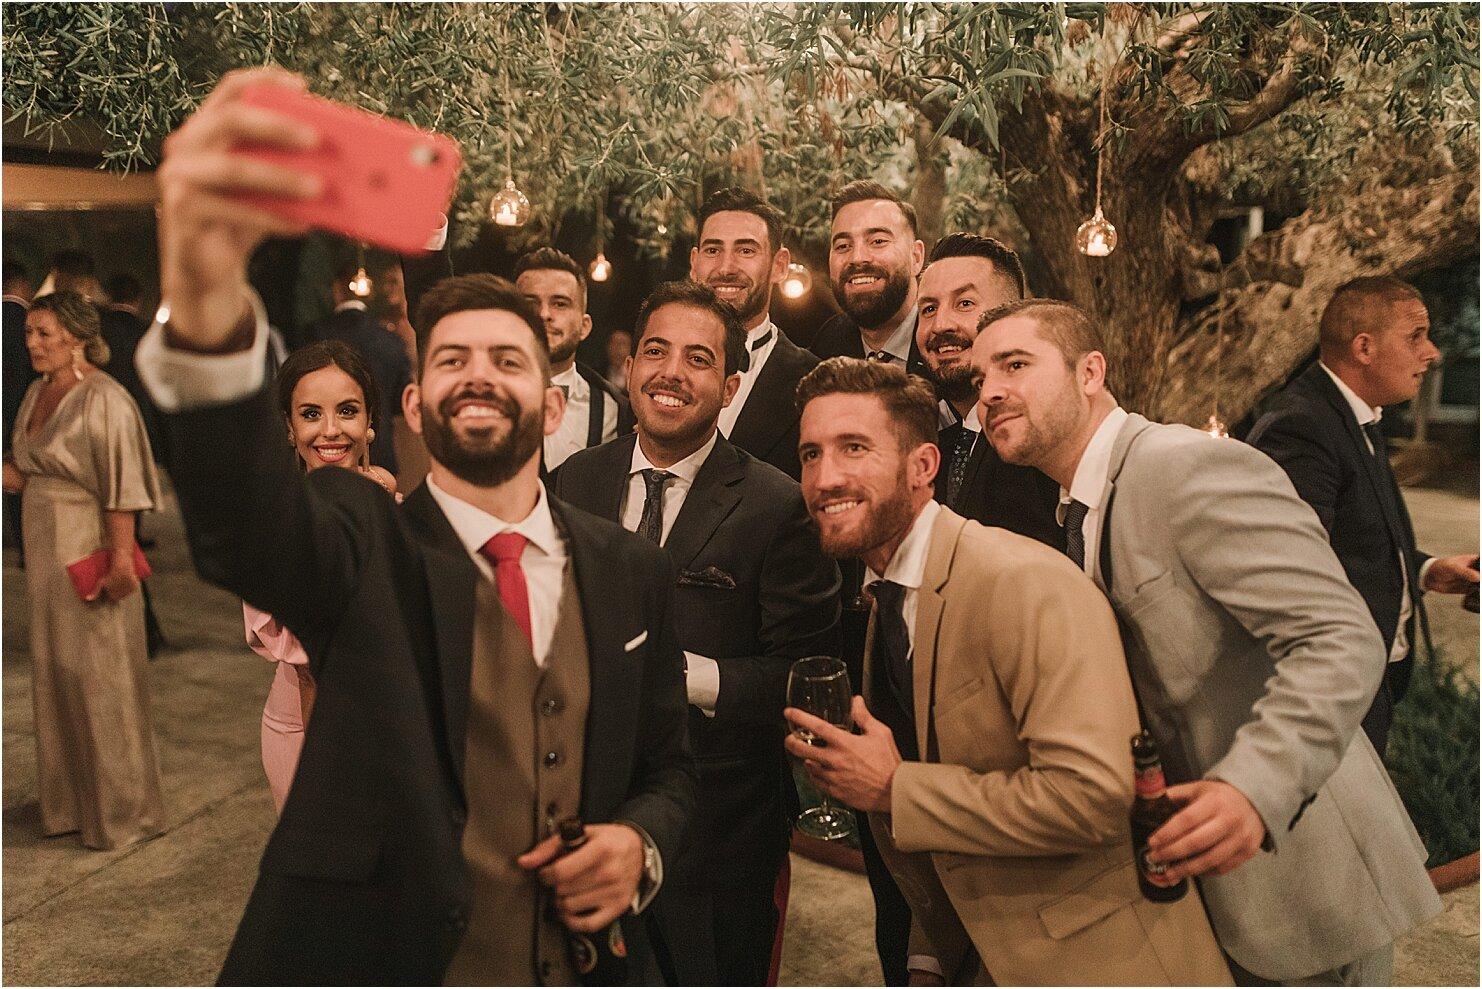 boda-romantica-boda-boho-vestido-de-novia-laura-lomas55.jpg